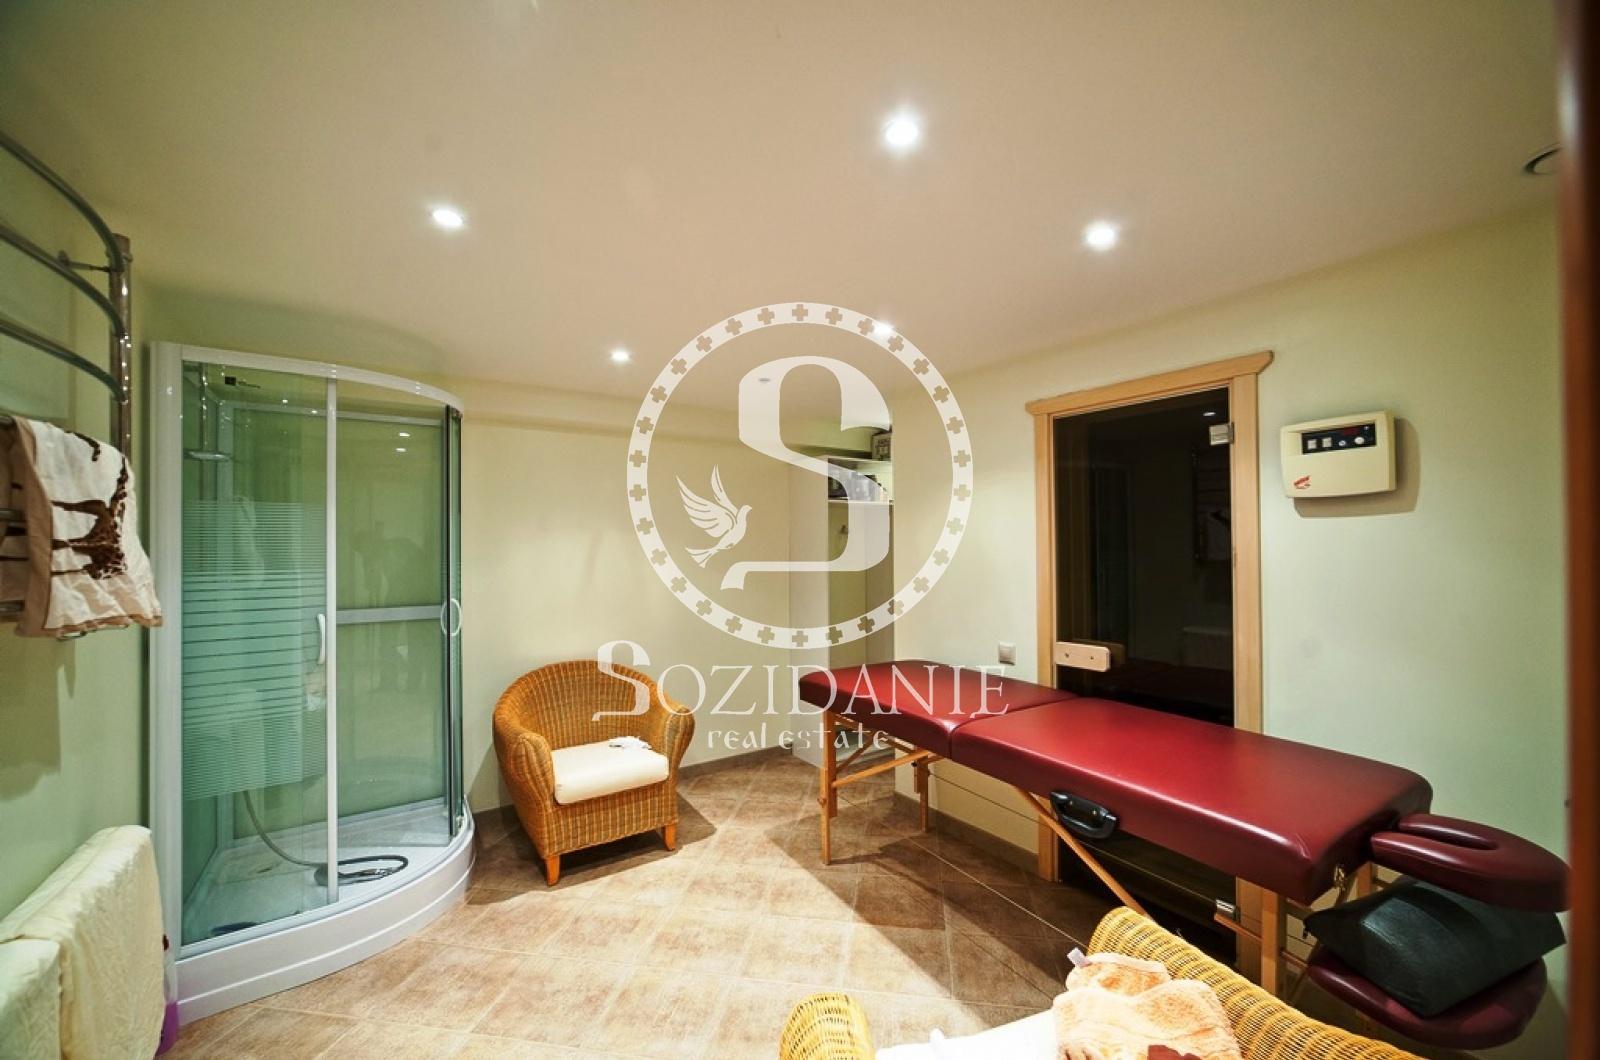 5 Bedrooms, Загородная, Продажа, Listing ID 1343, Московская область, Россия,